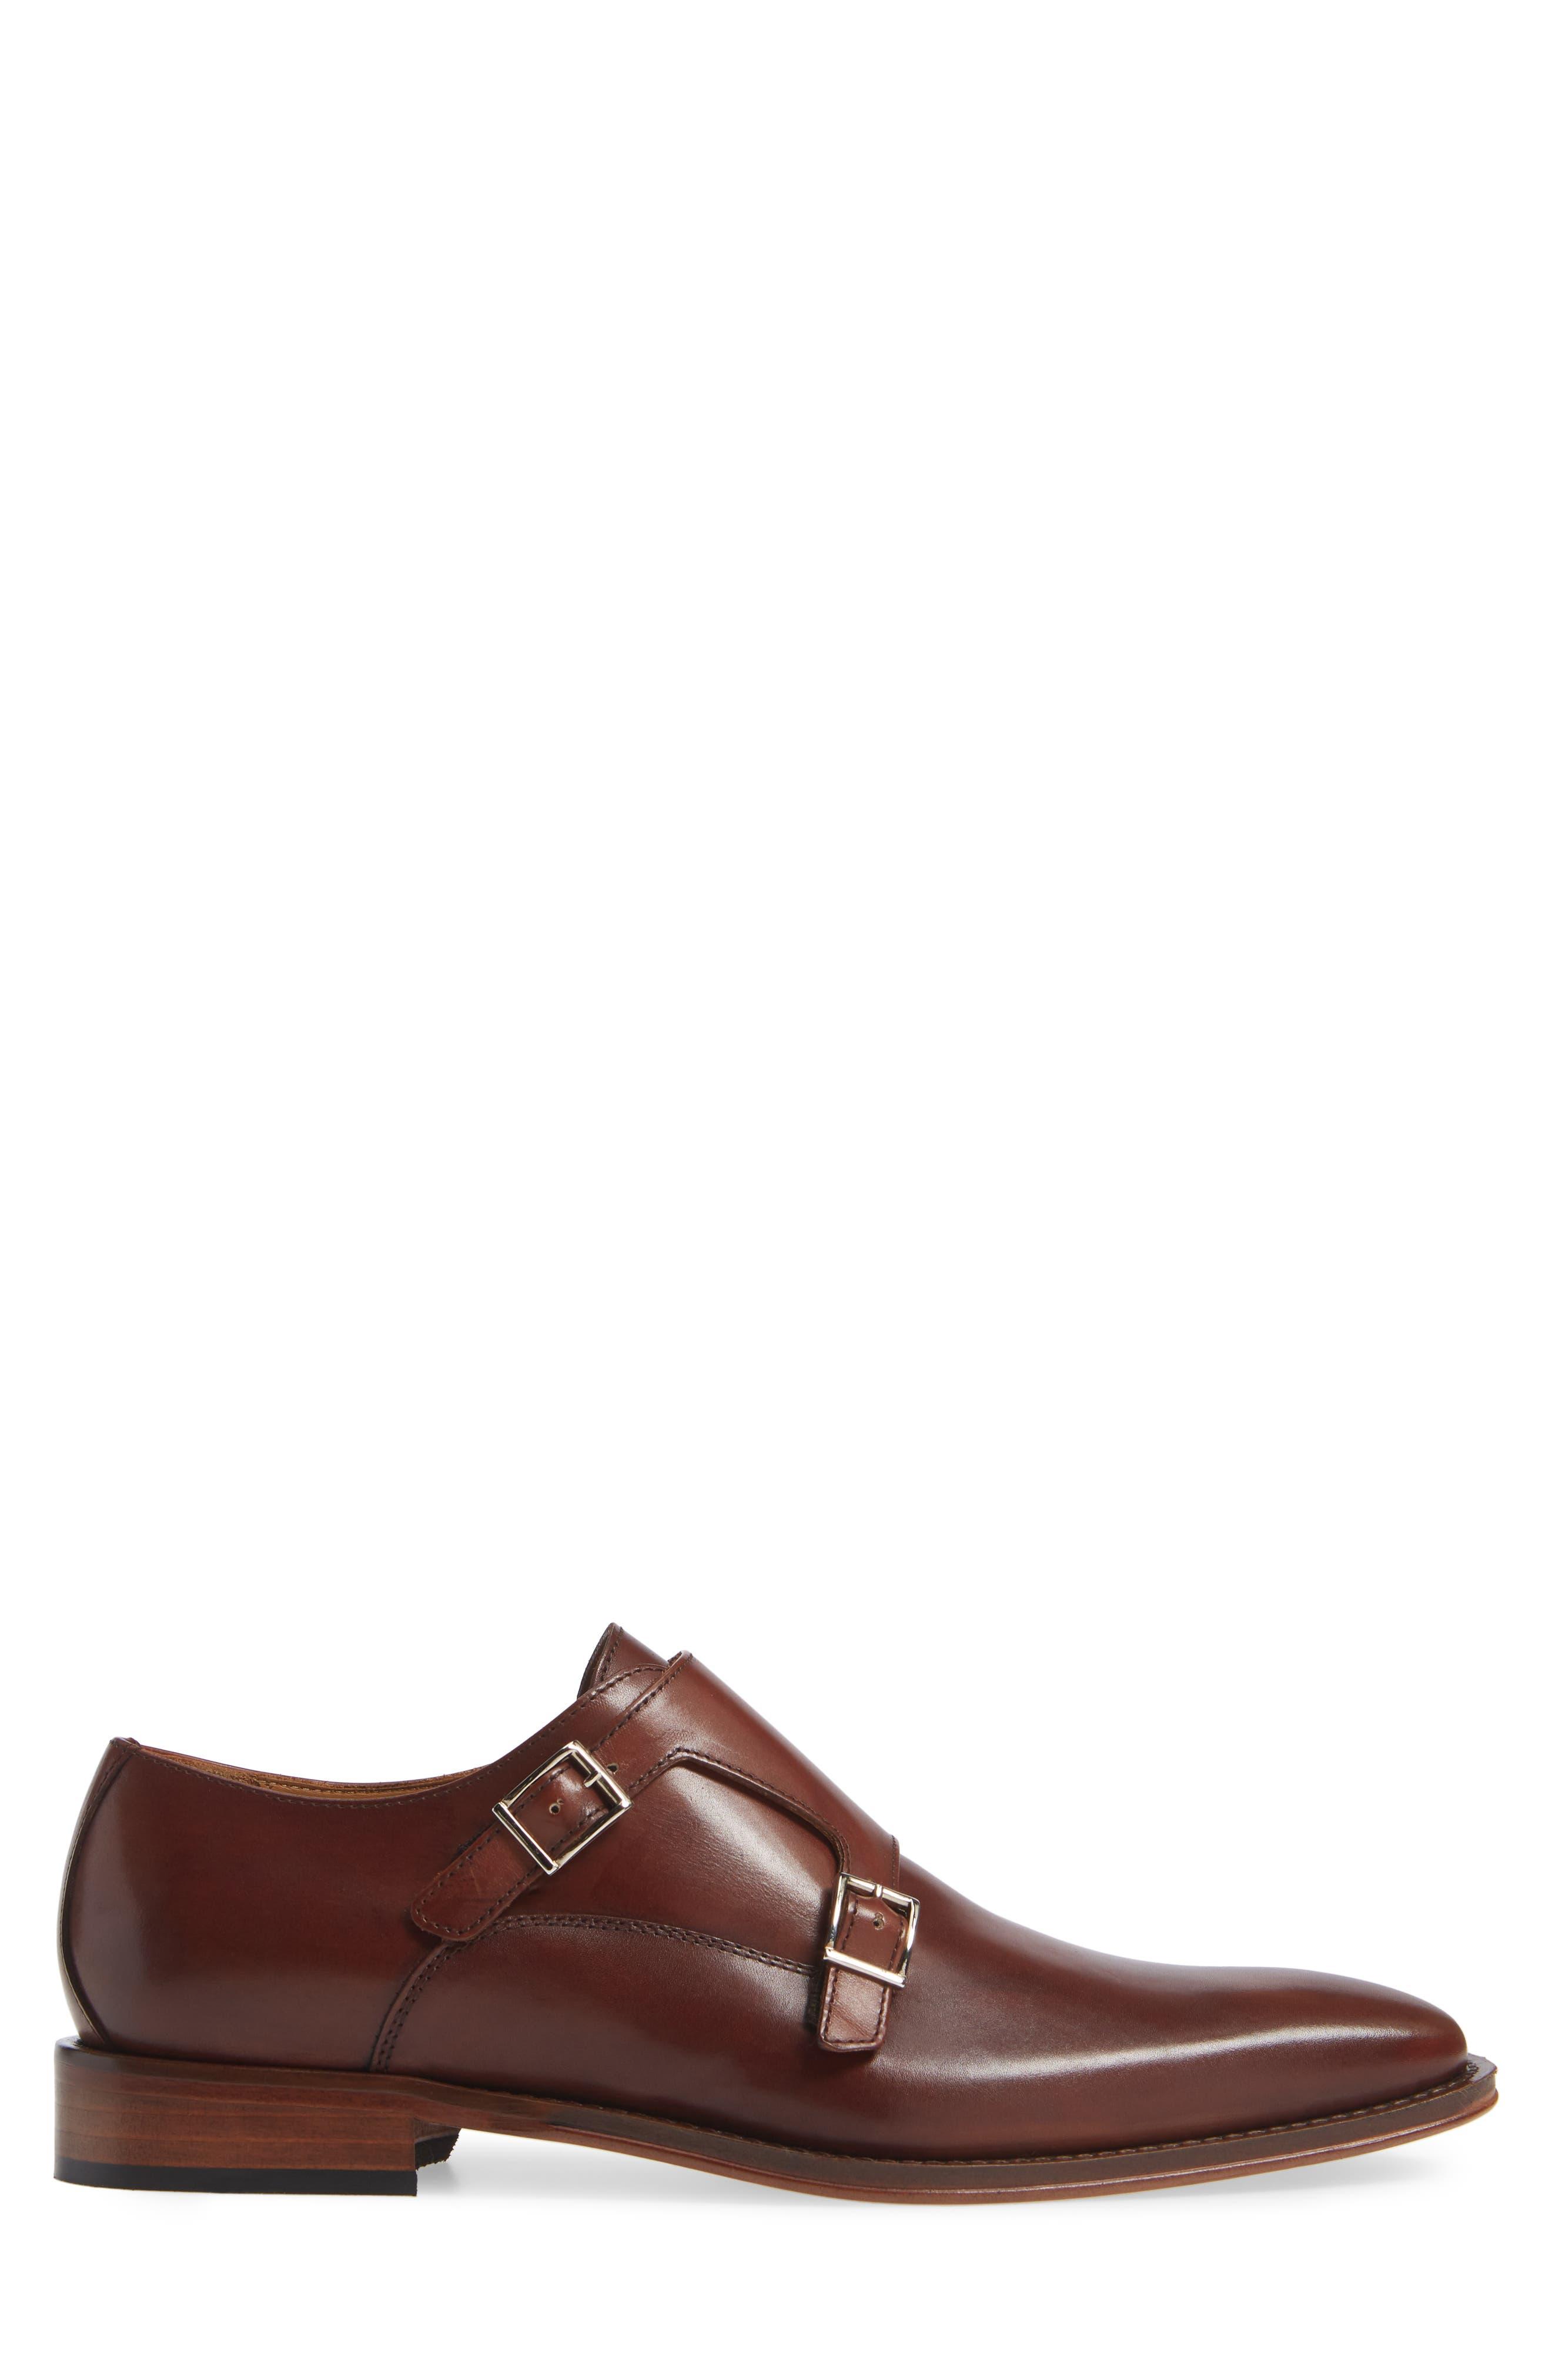 Trento Double Monk Strap Shoe,                             Alternate thumbnail 3, color,                             236